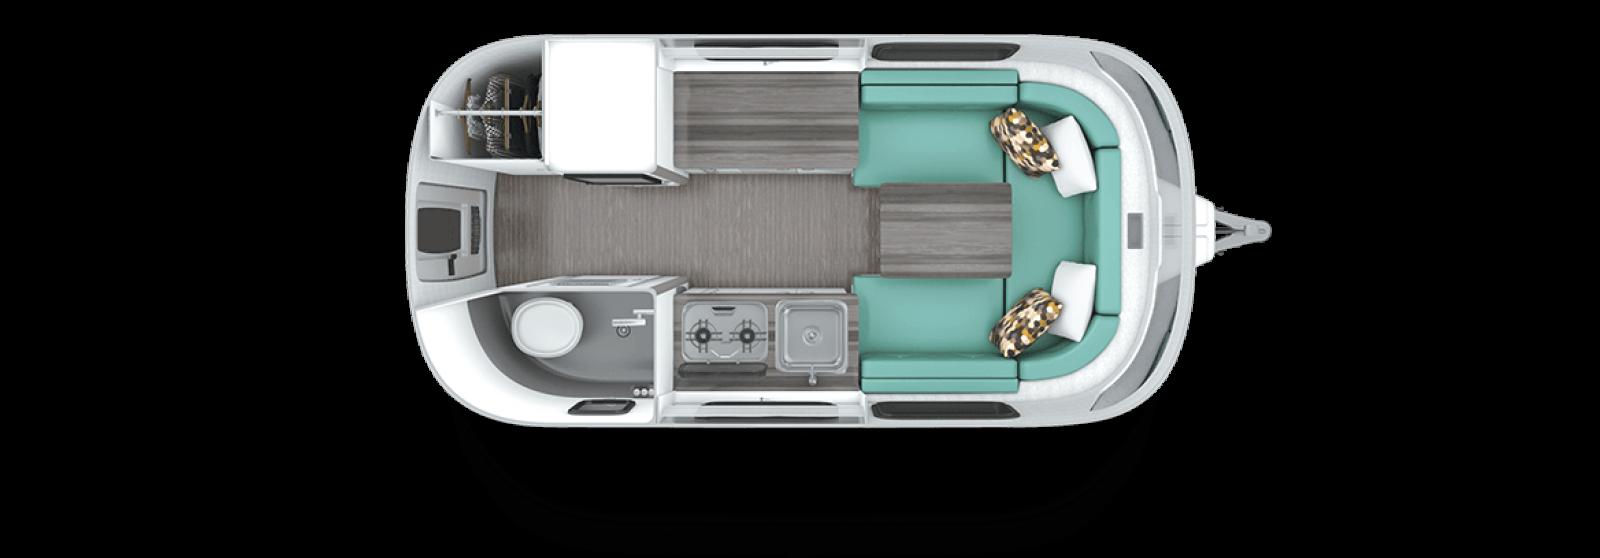 Nest-Floorplan-16Dinette-wShadow-NEW